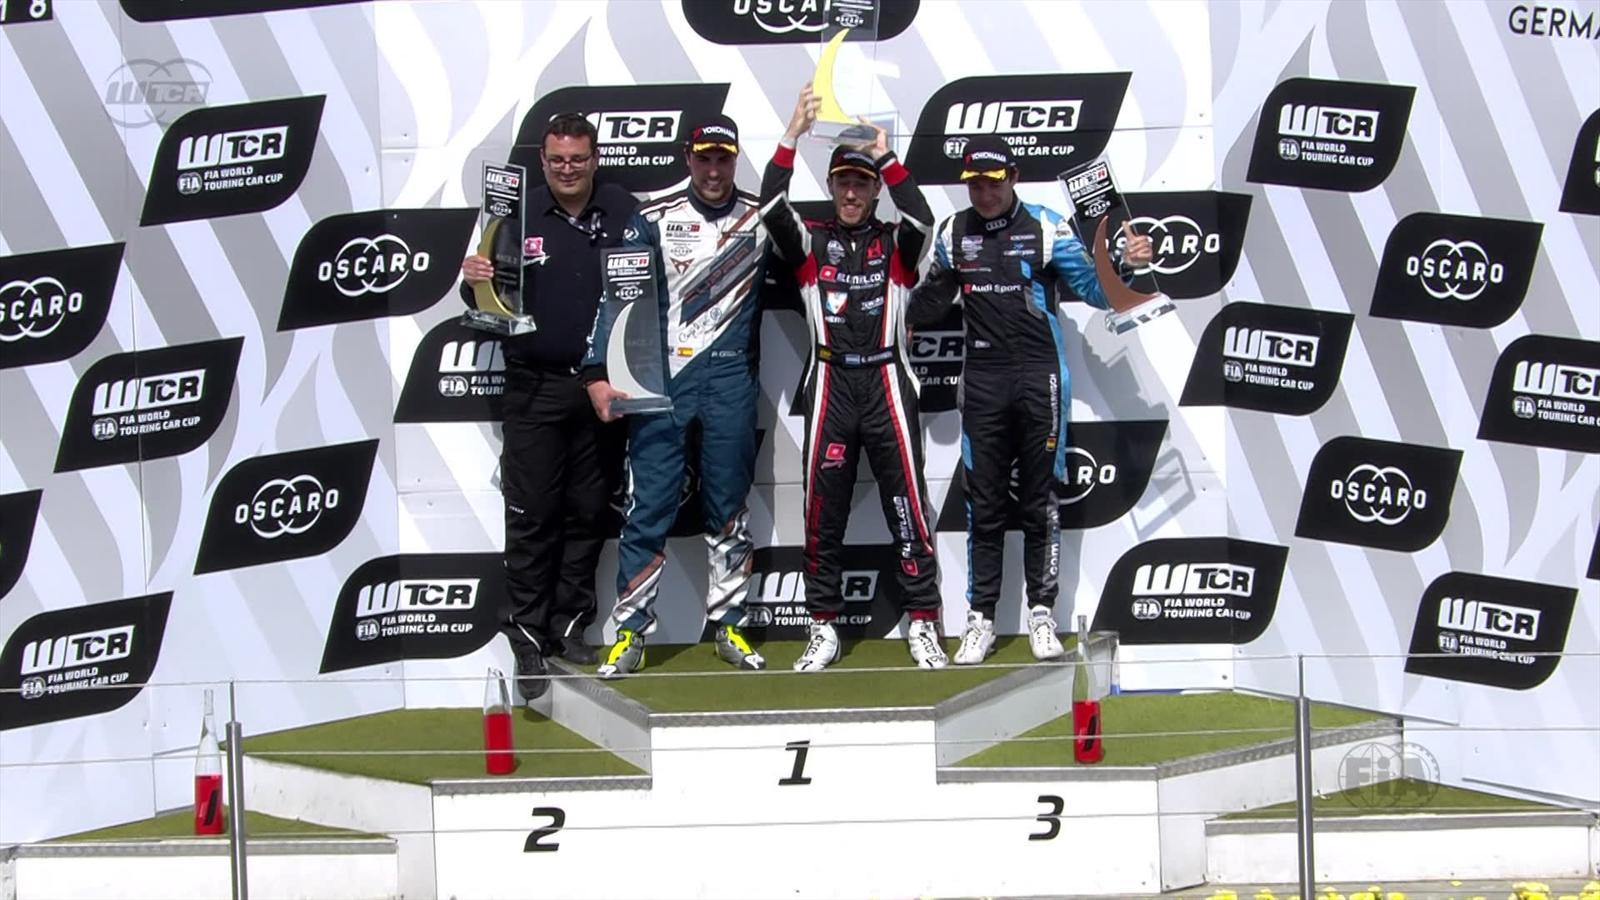 b300de9296477 VIDEO - FIA WTCR Alemania  El momentazo de Pepe Oriola en el podio -  Nürburgring - Video Eurosport Espana